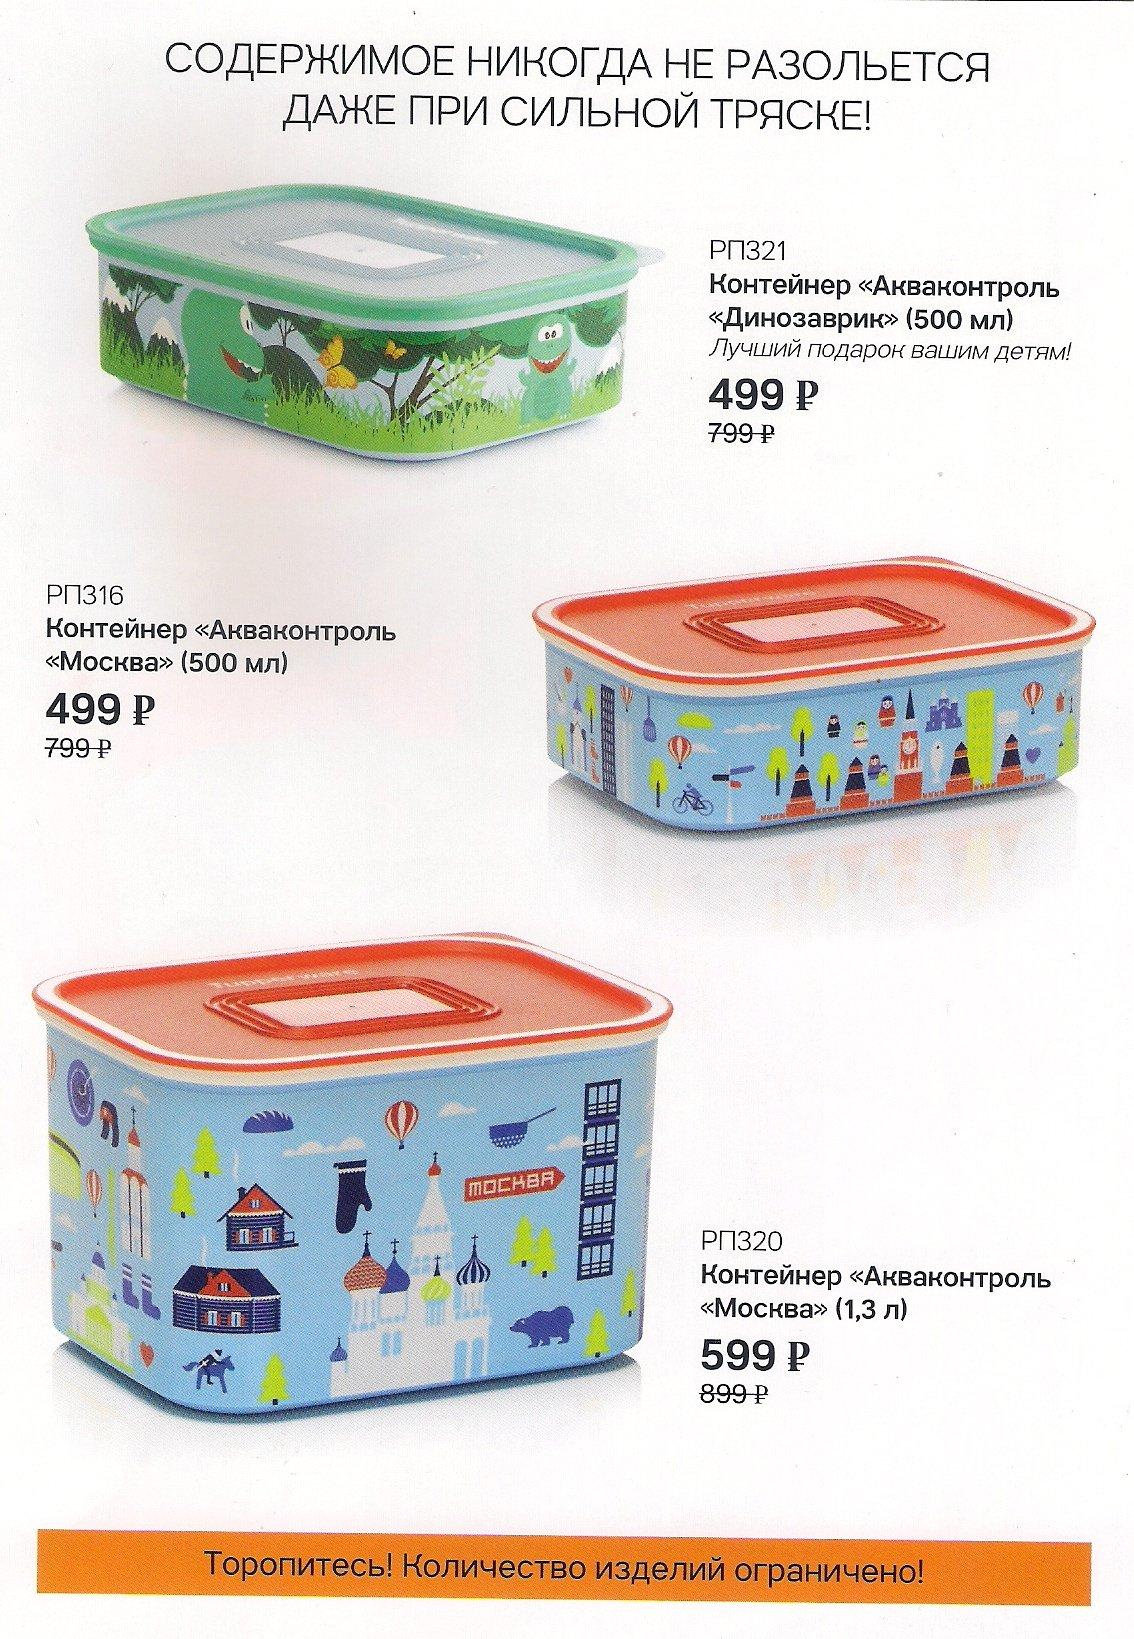 https://tupperware-online.ru/images/upload/12c.jpg